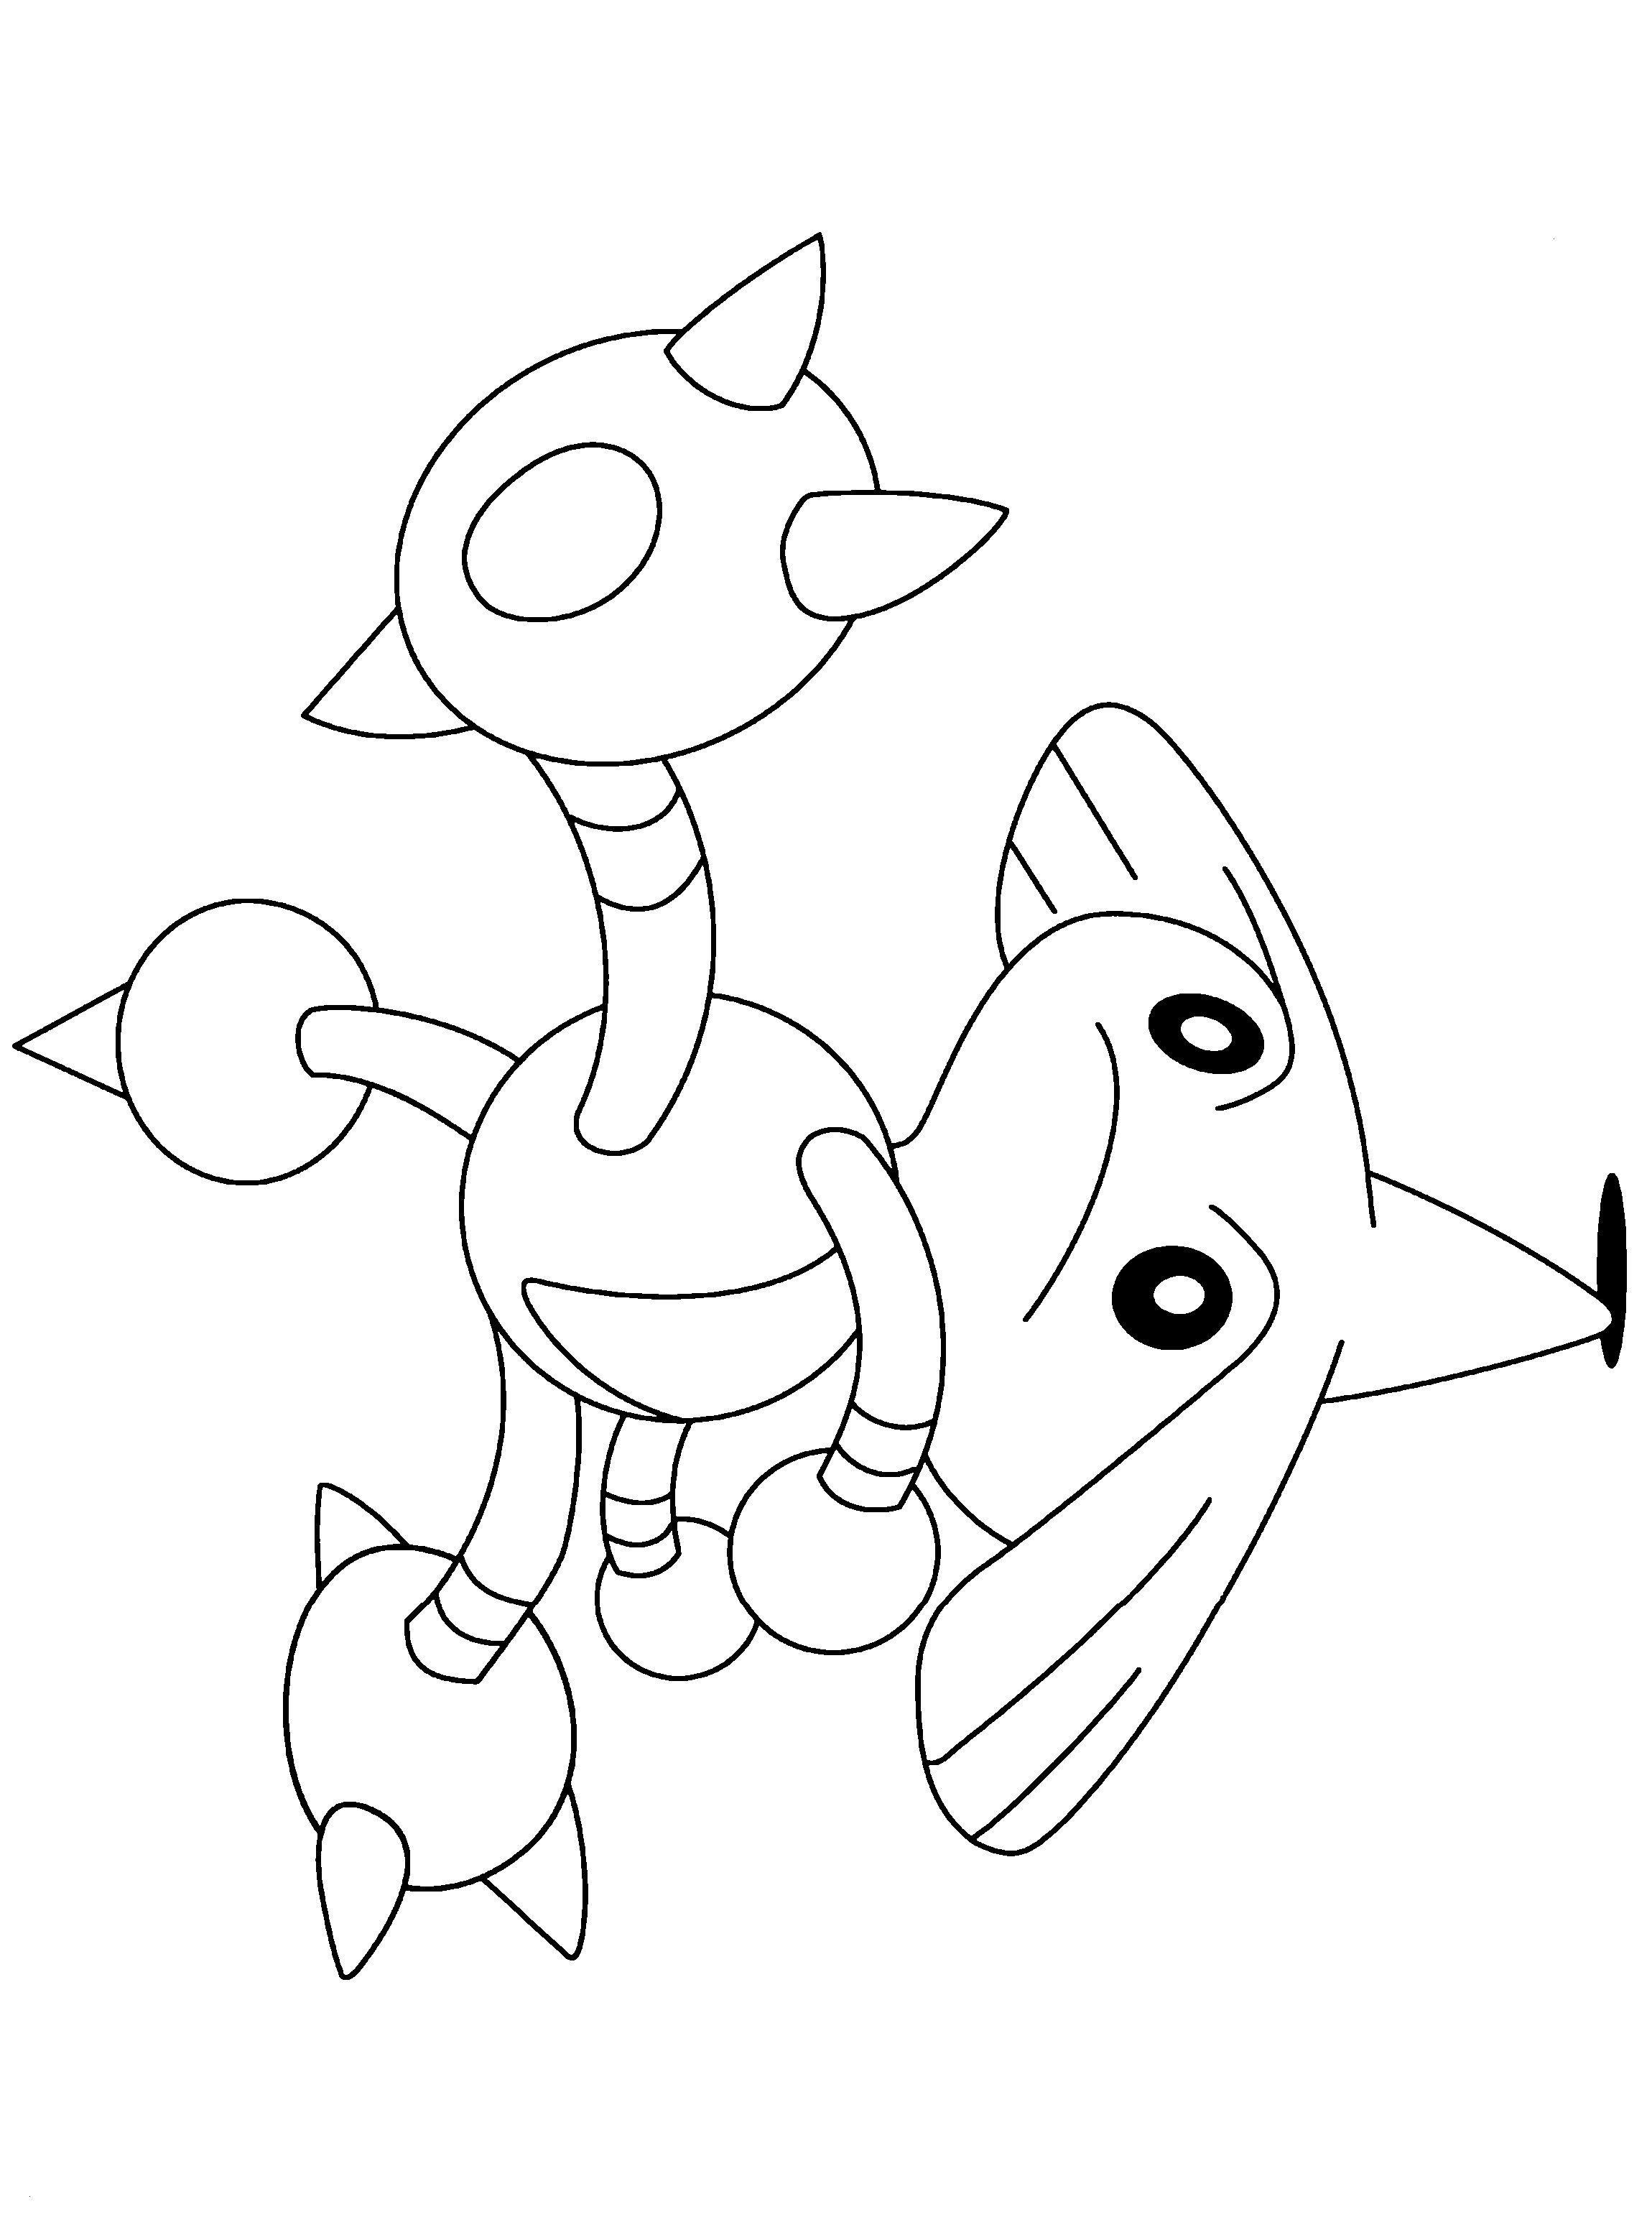 ausmalbilder pokemon glurak frisch ausmalbilder pokemon